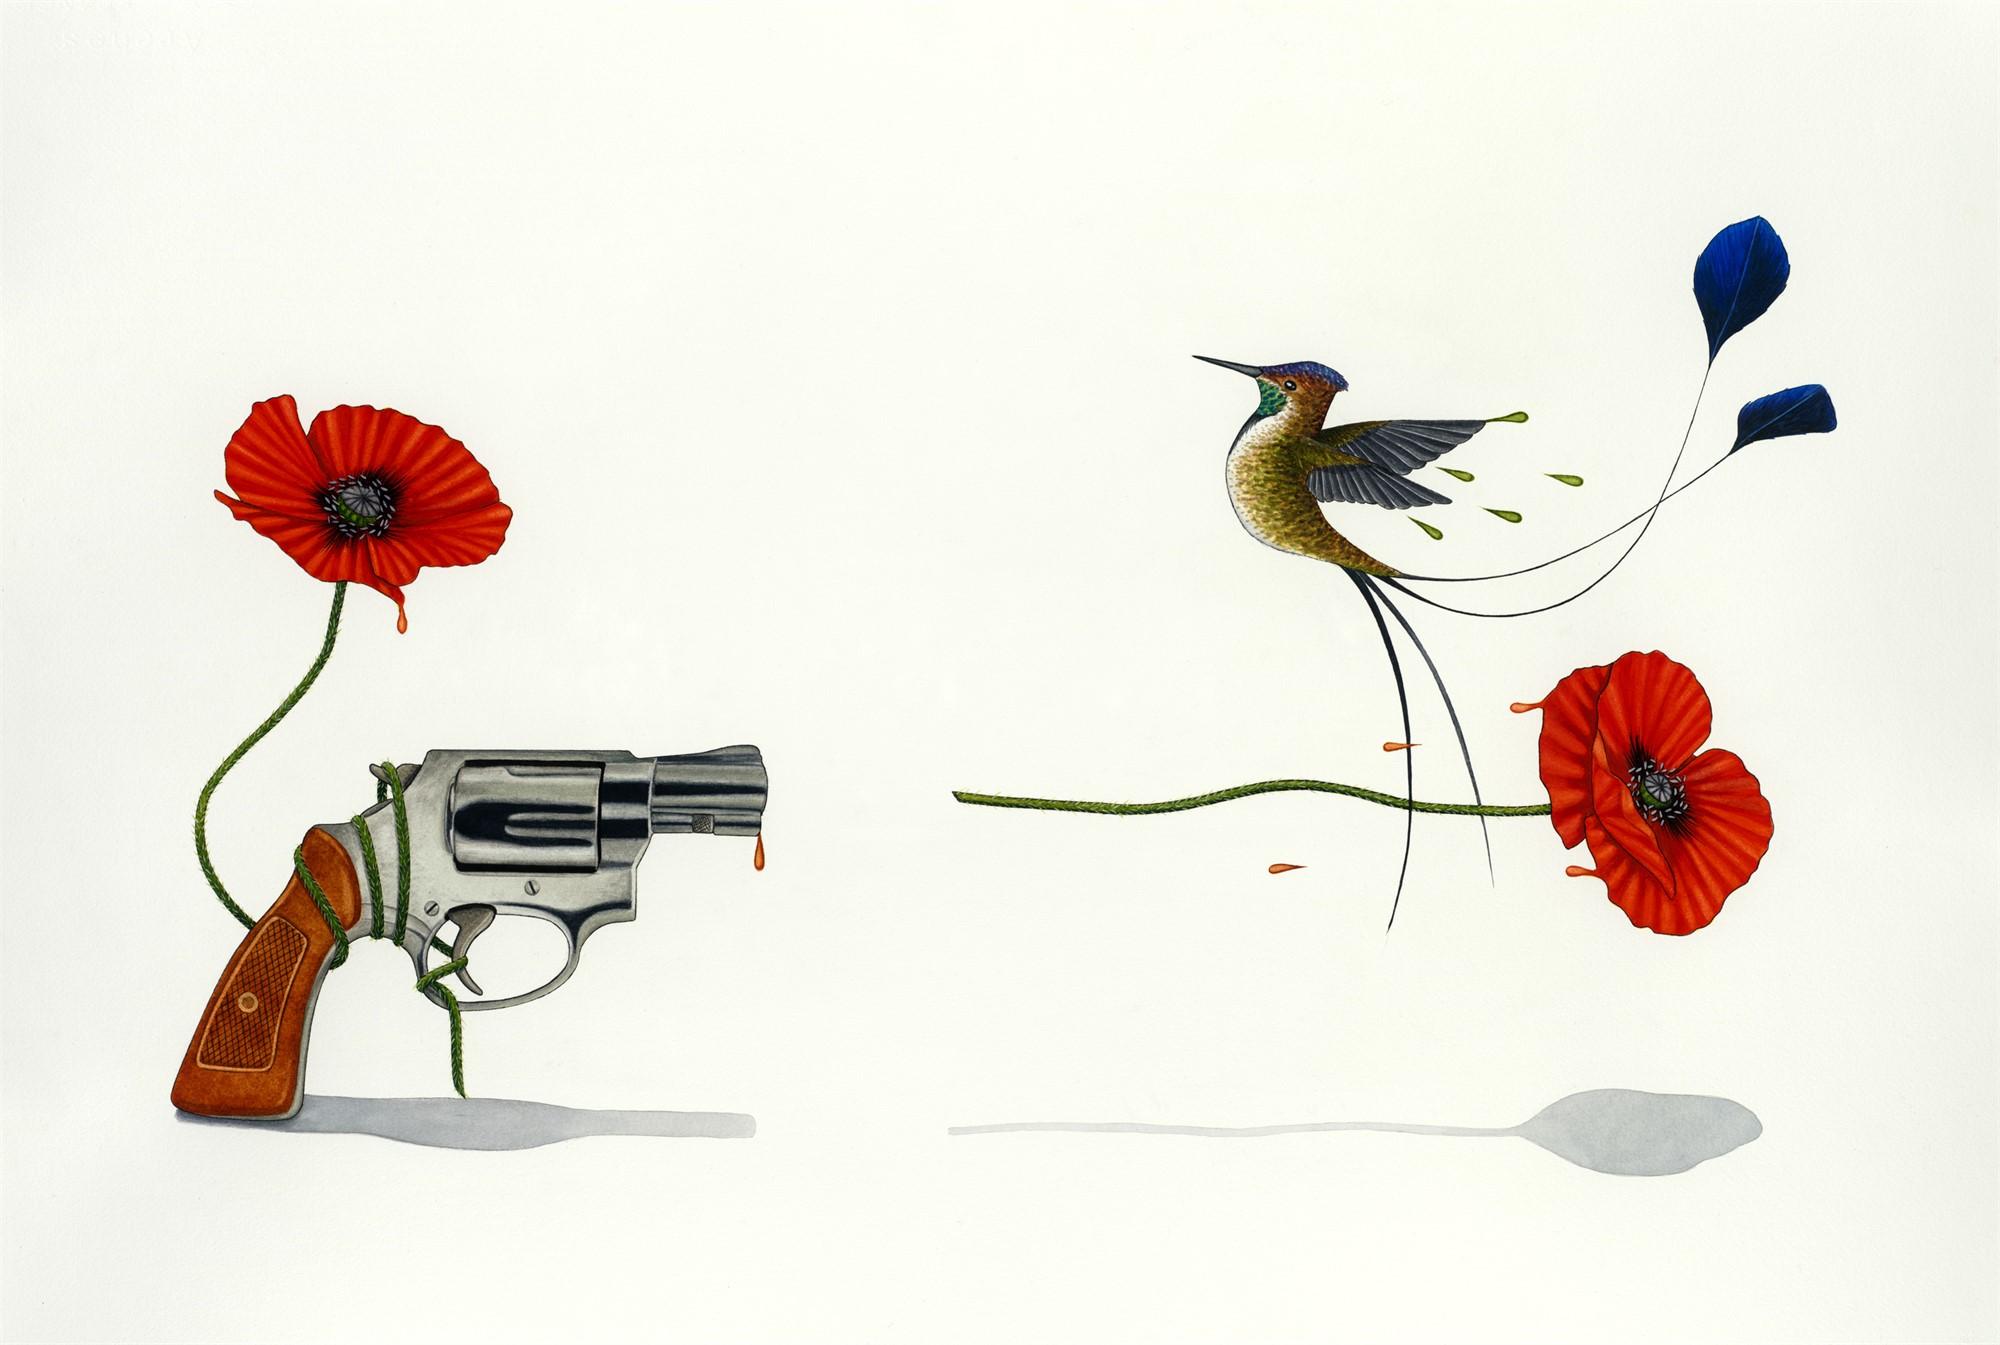 Bulletproof by Daniel Angeles